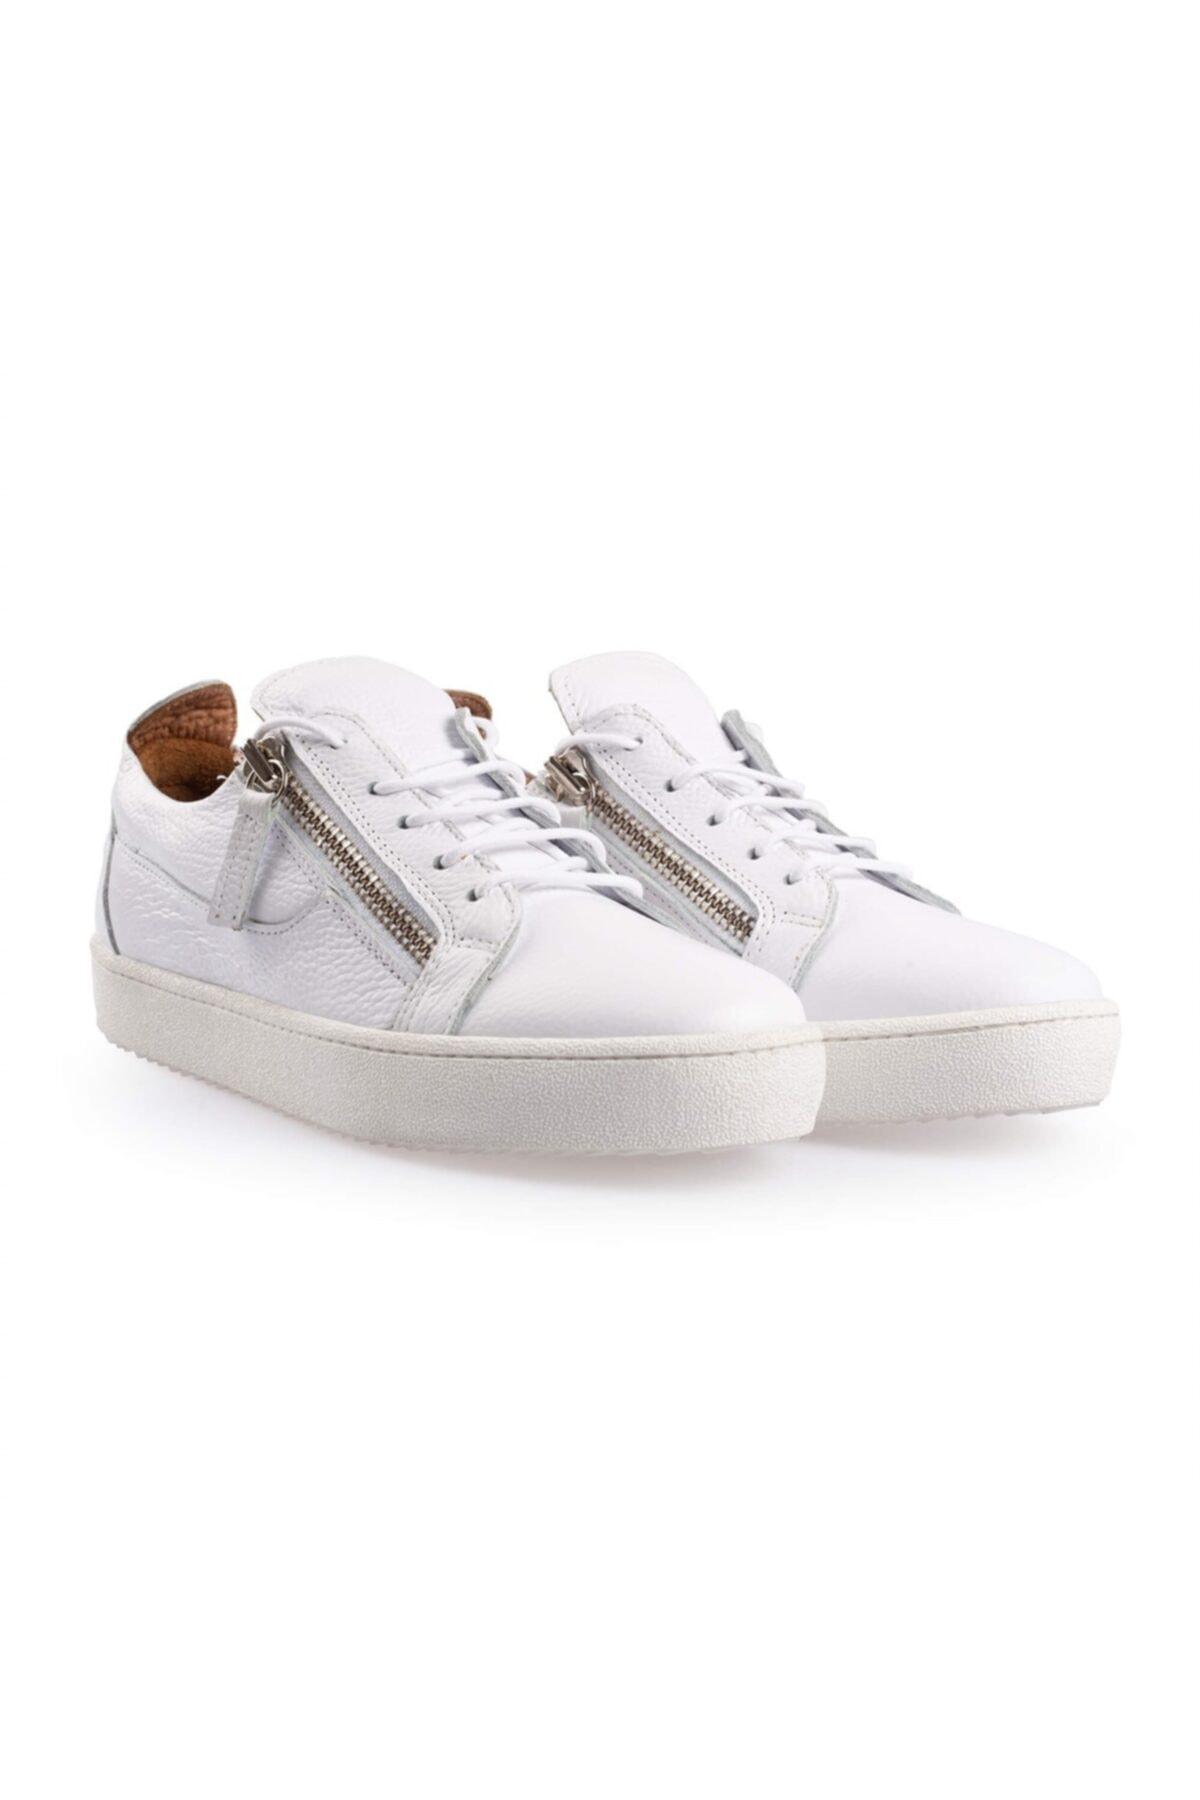 Flower Erkek Beyaz Deri Fermuar Detaylı  Sneakers 2